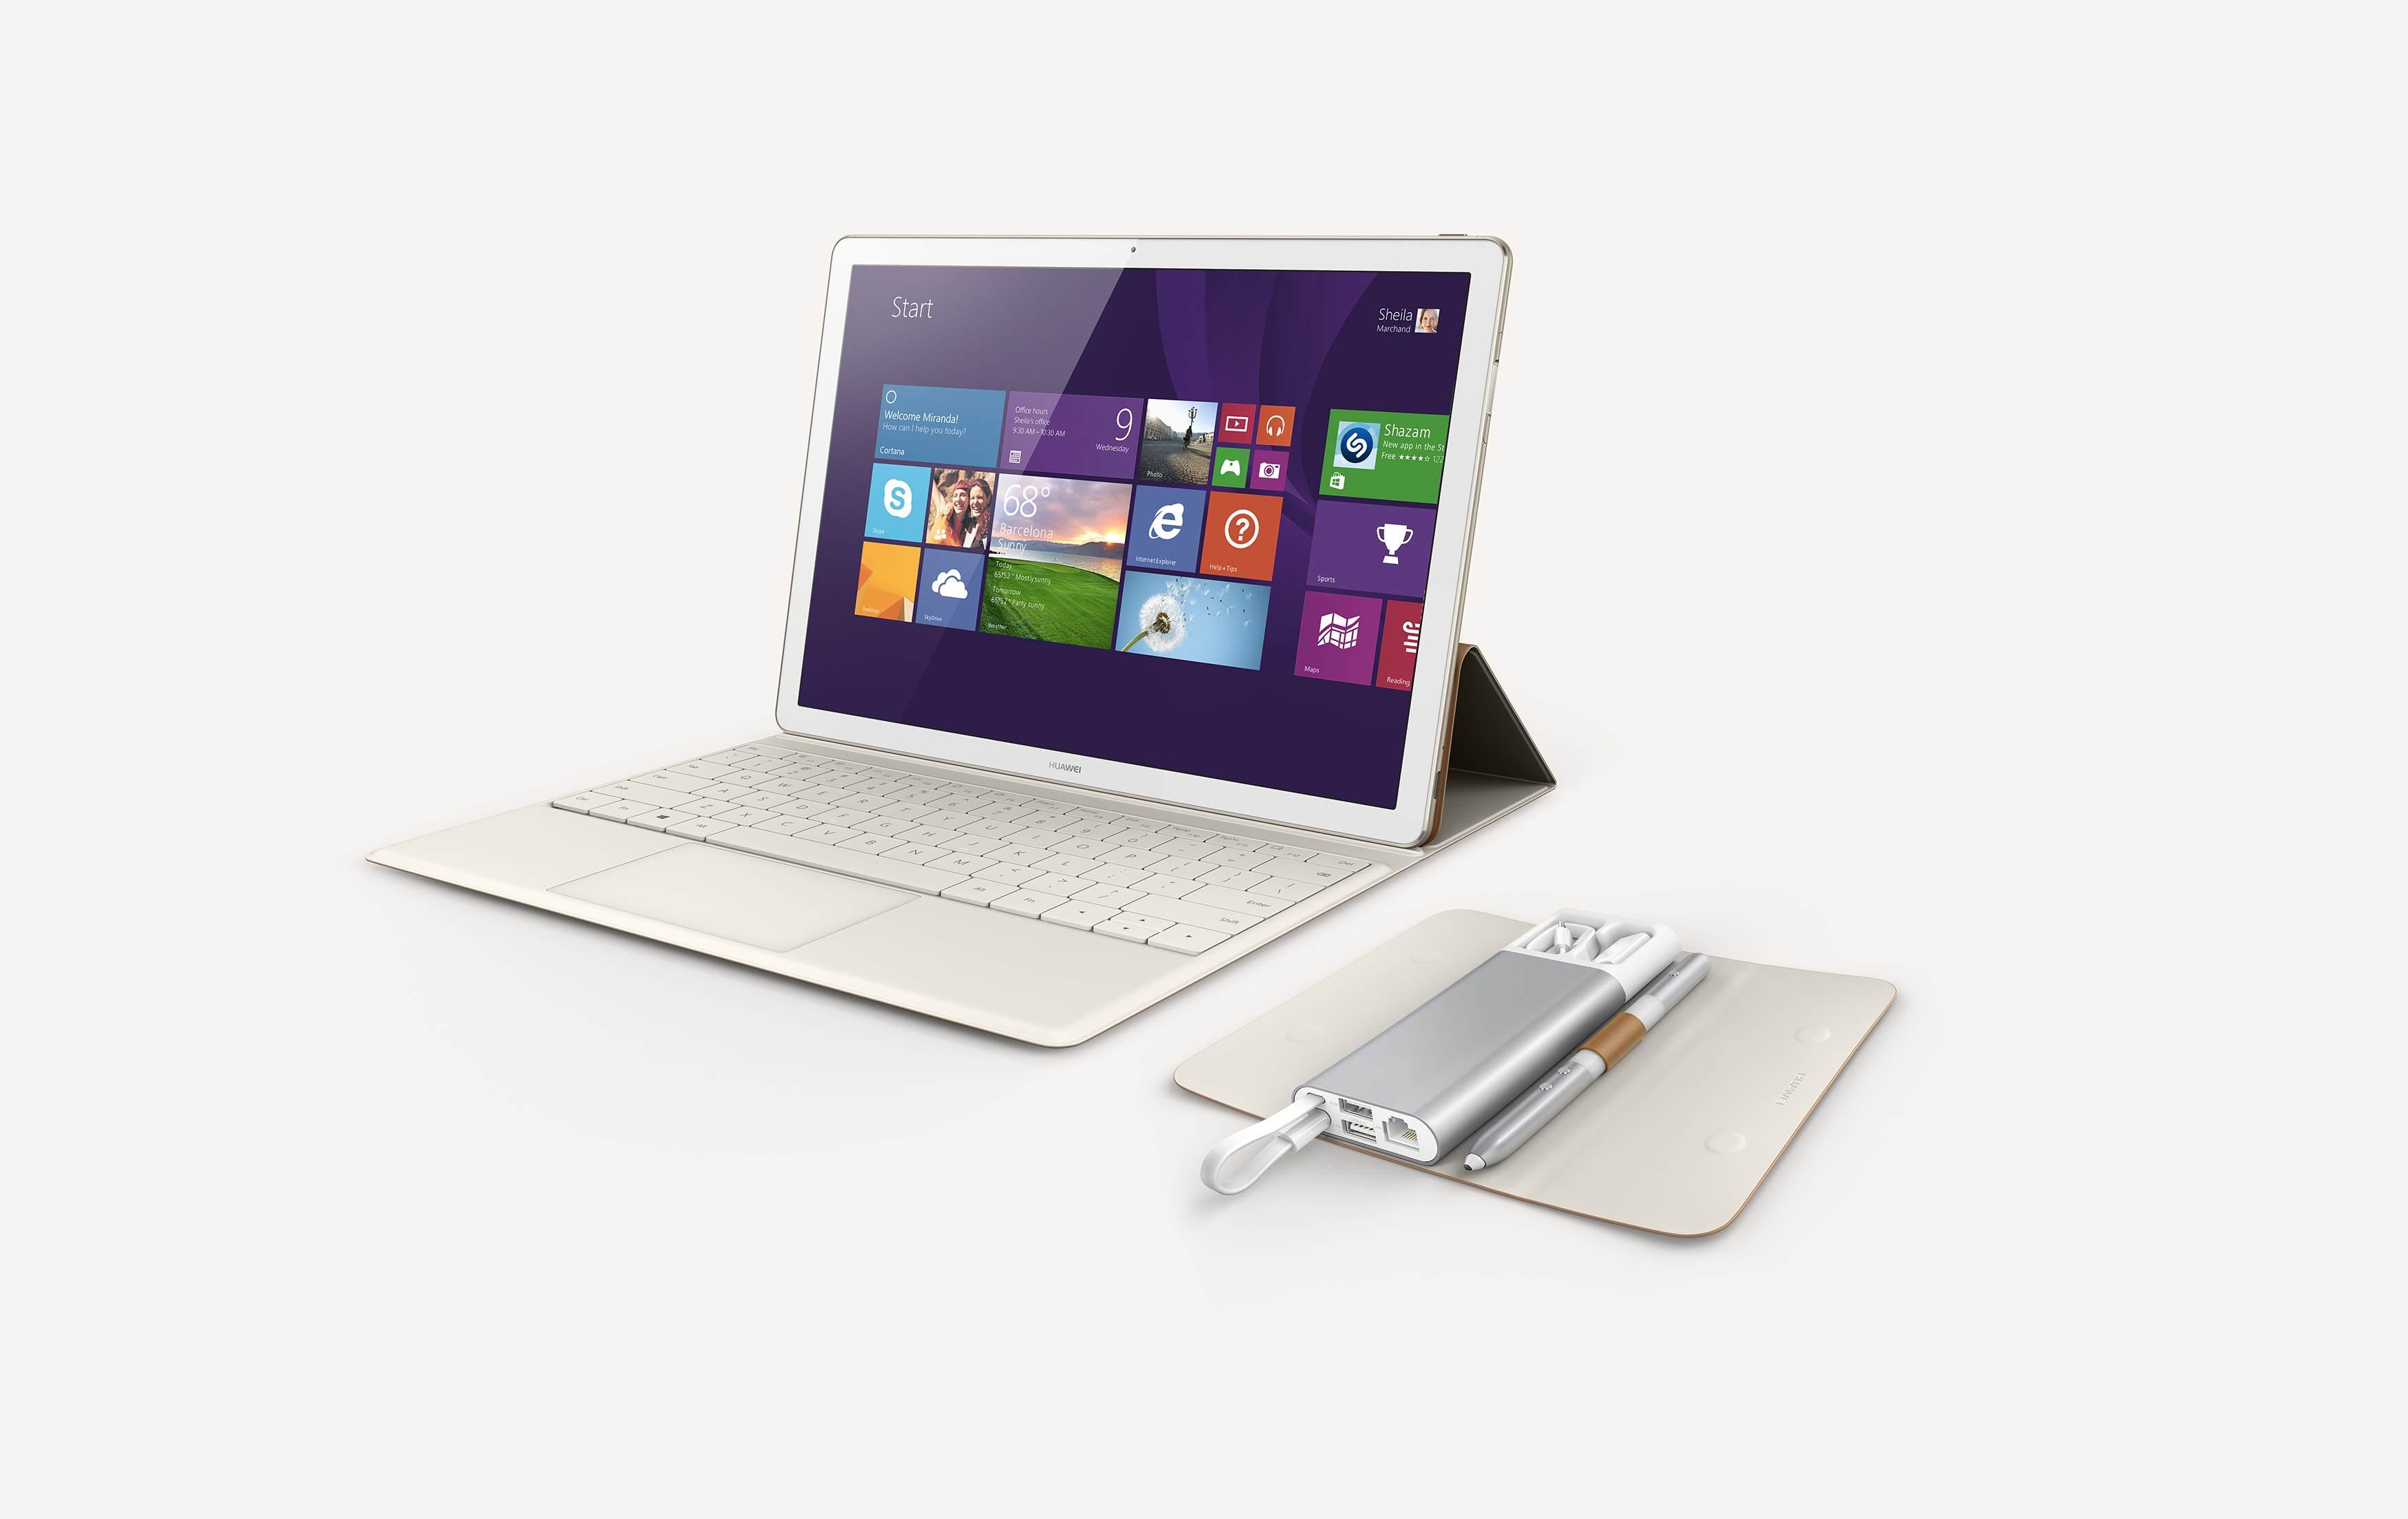 Krásny Windows tablet Huawei MateBook zaujme kvalitou vyhotovenia, nízkou hmotnosťou a doplnkovým adaptérom. Foto Huawei